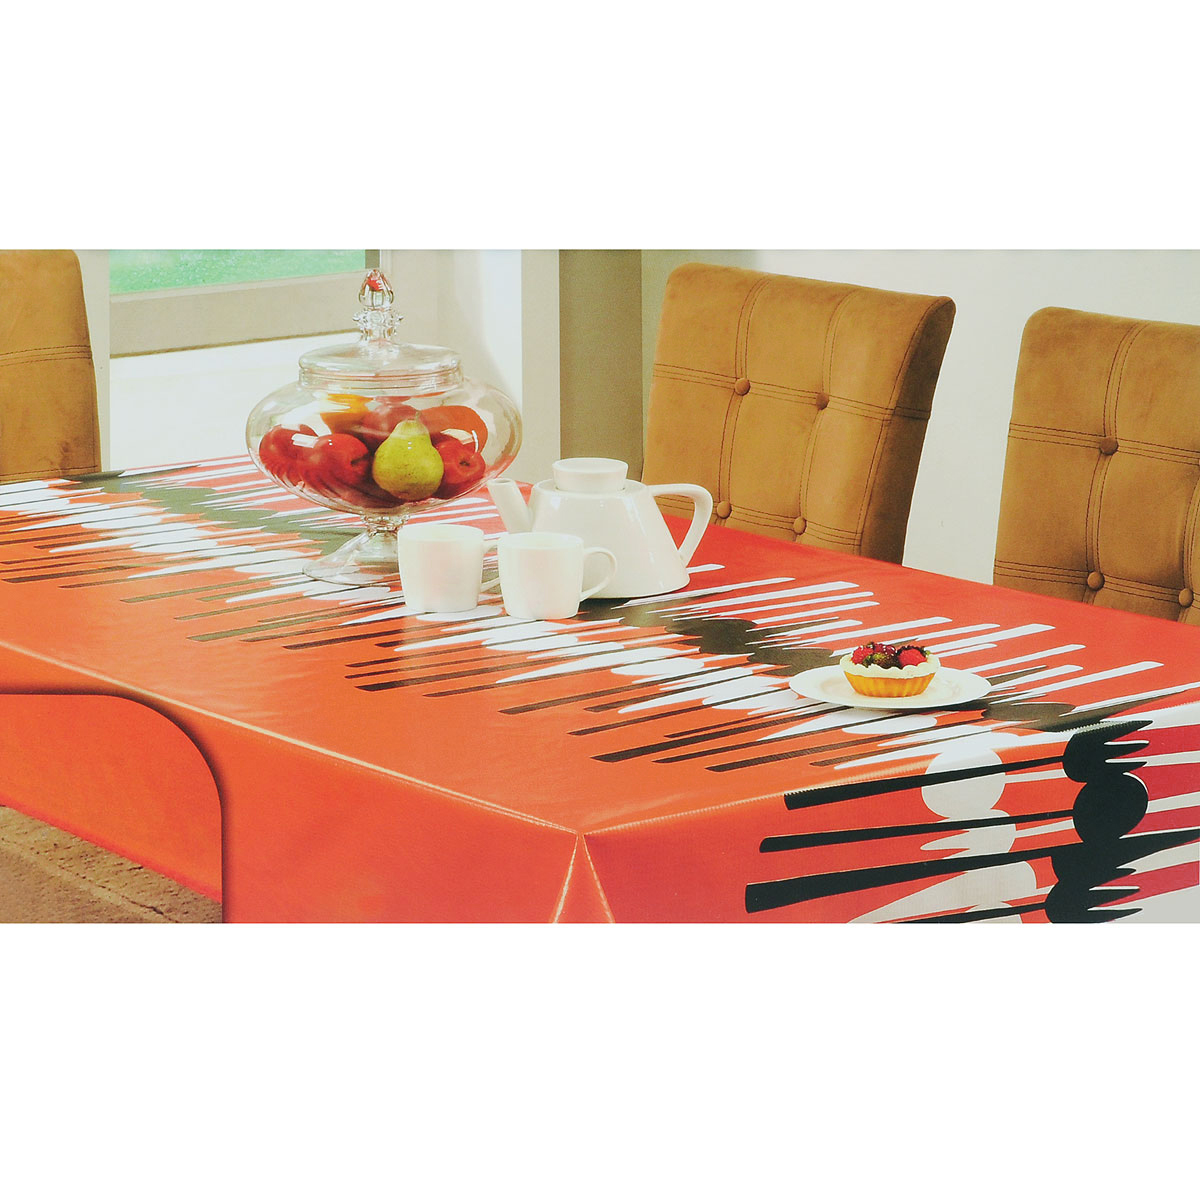 Скатерть White Fox Осень, круглая, цвет: красный, оранжевый, диаметр 152 см скатерти white fox скатерть party standart пвх с основой из флиса 152 228 см